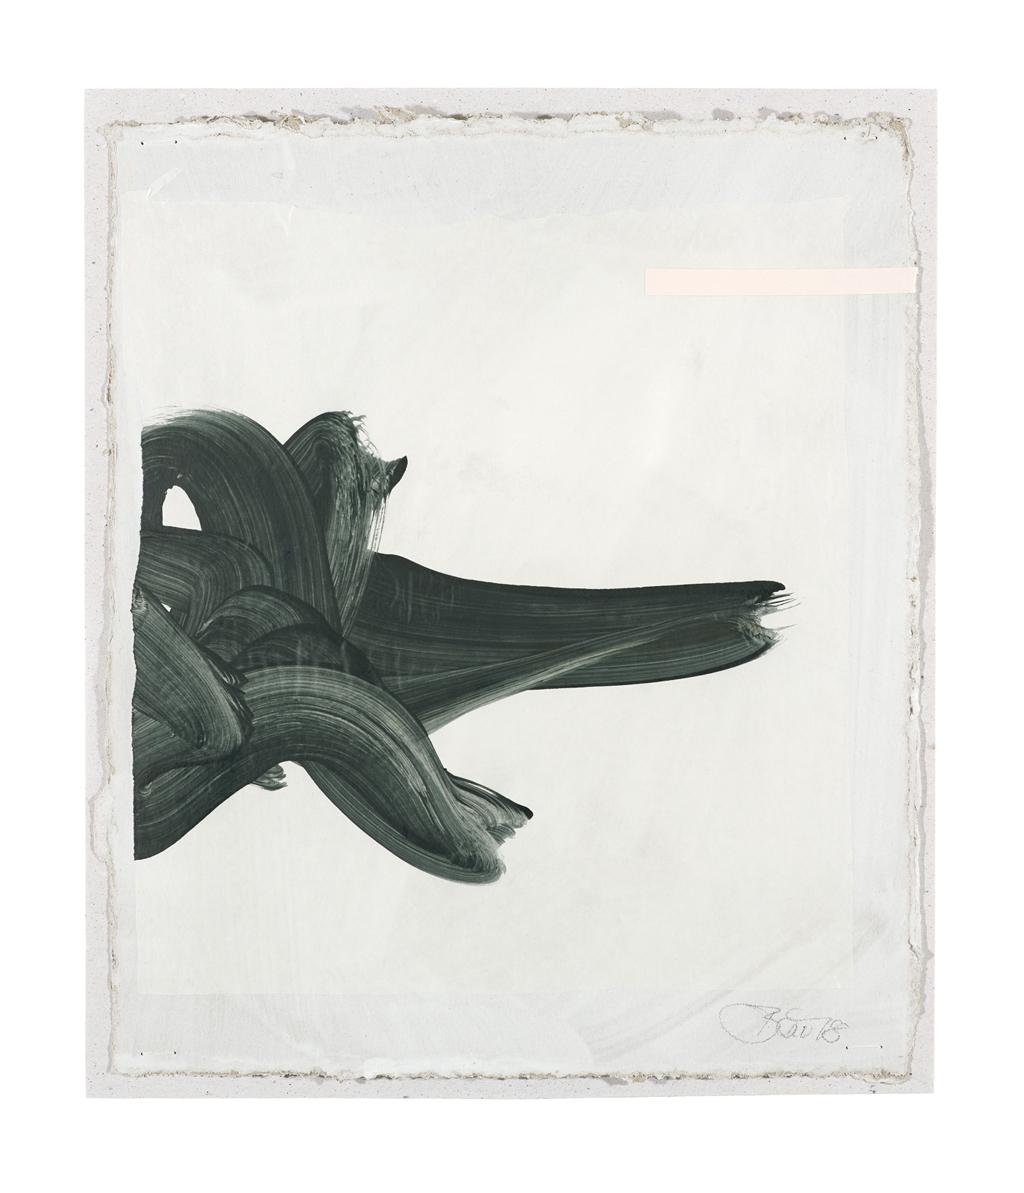 Große Form II| 2018, zweischichtige Papierarbeit, Acryl auf Pergamin und Collage über Gesso auf Pappe, 29 x 23 cm